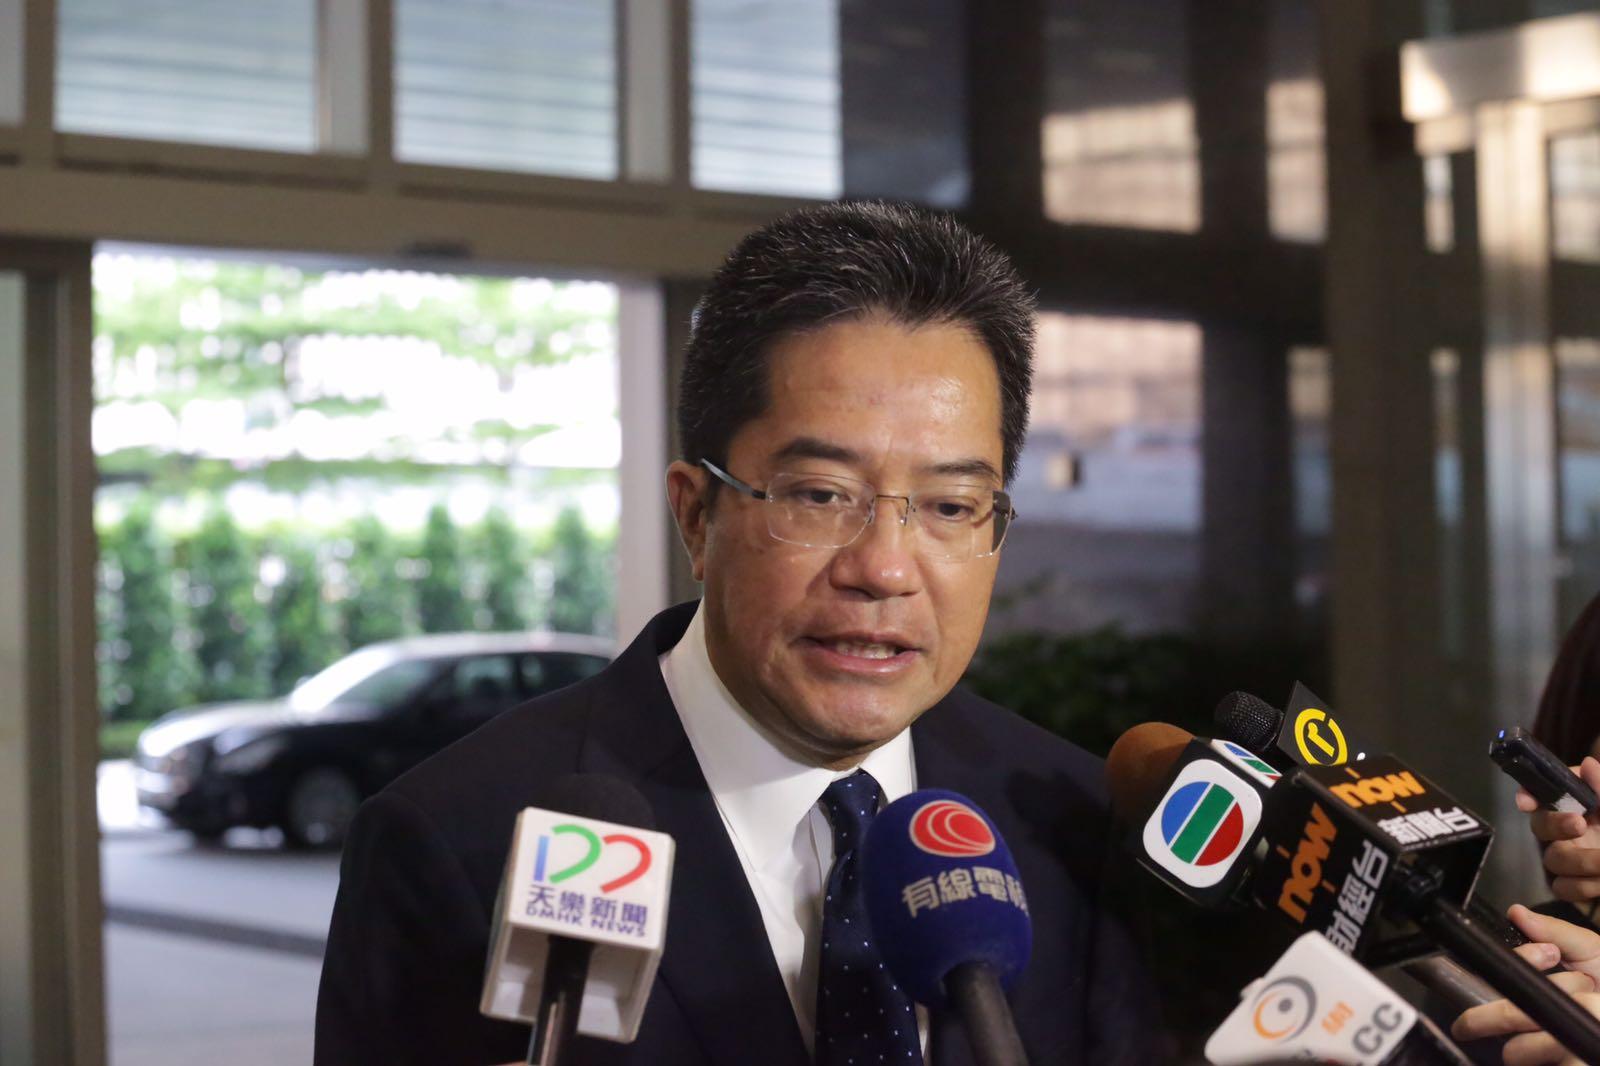 黃偉綸希望市民不要再處於爭論中。